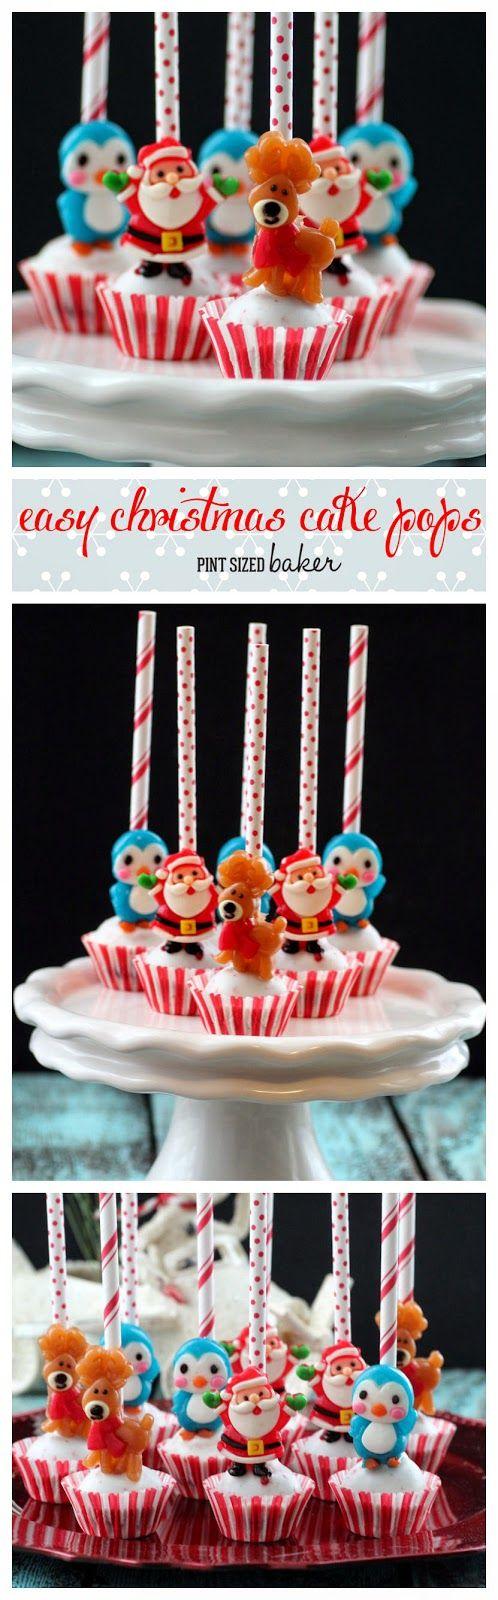 Pint Sized Baker: Easy Christmas Cake Pops